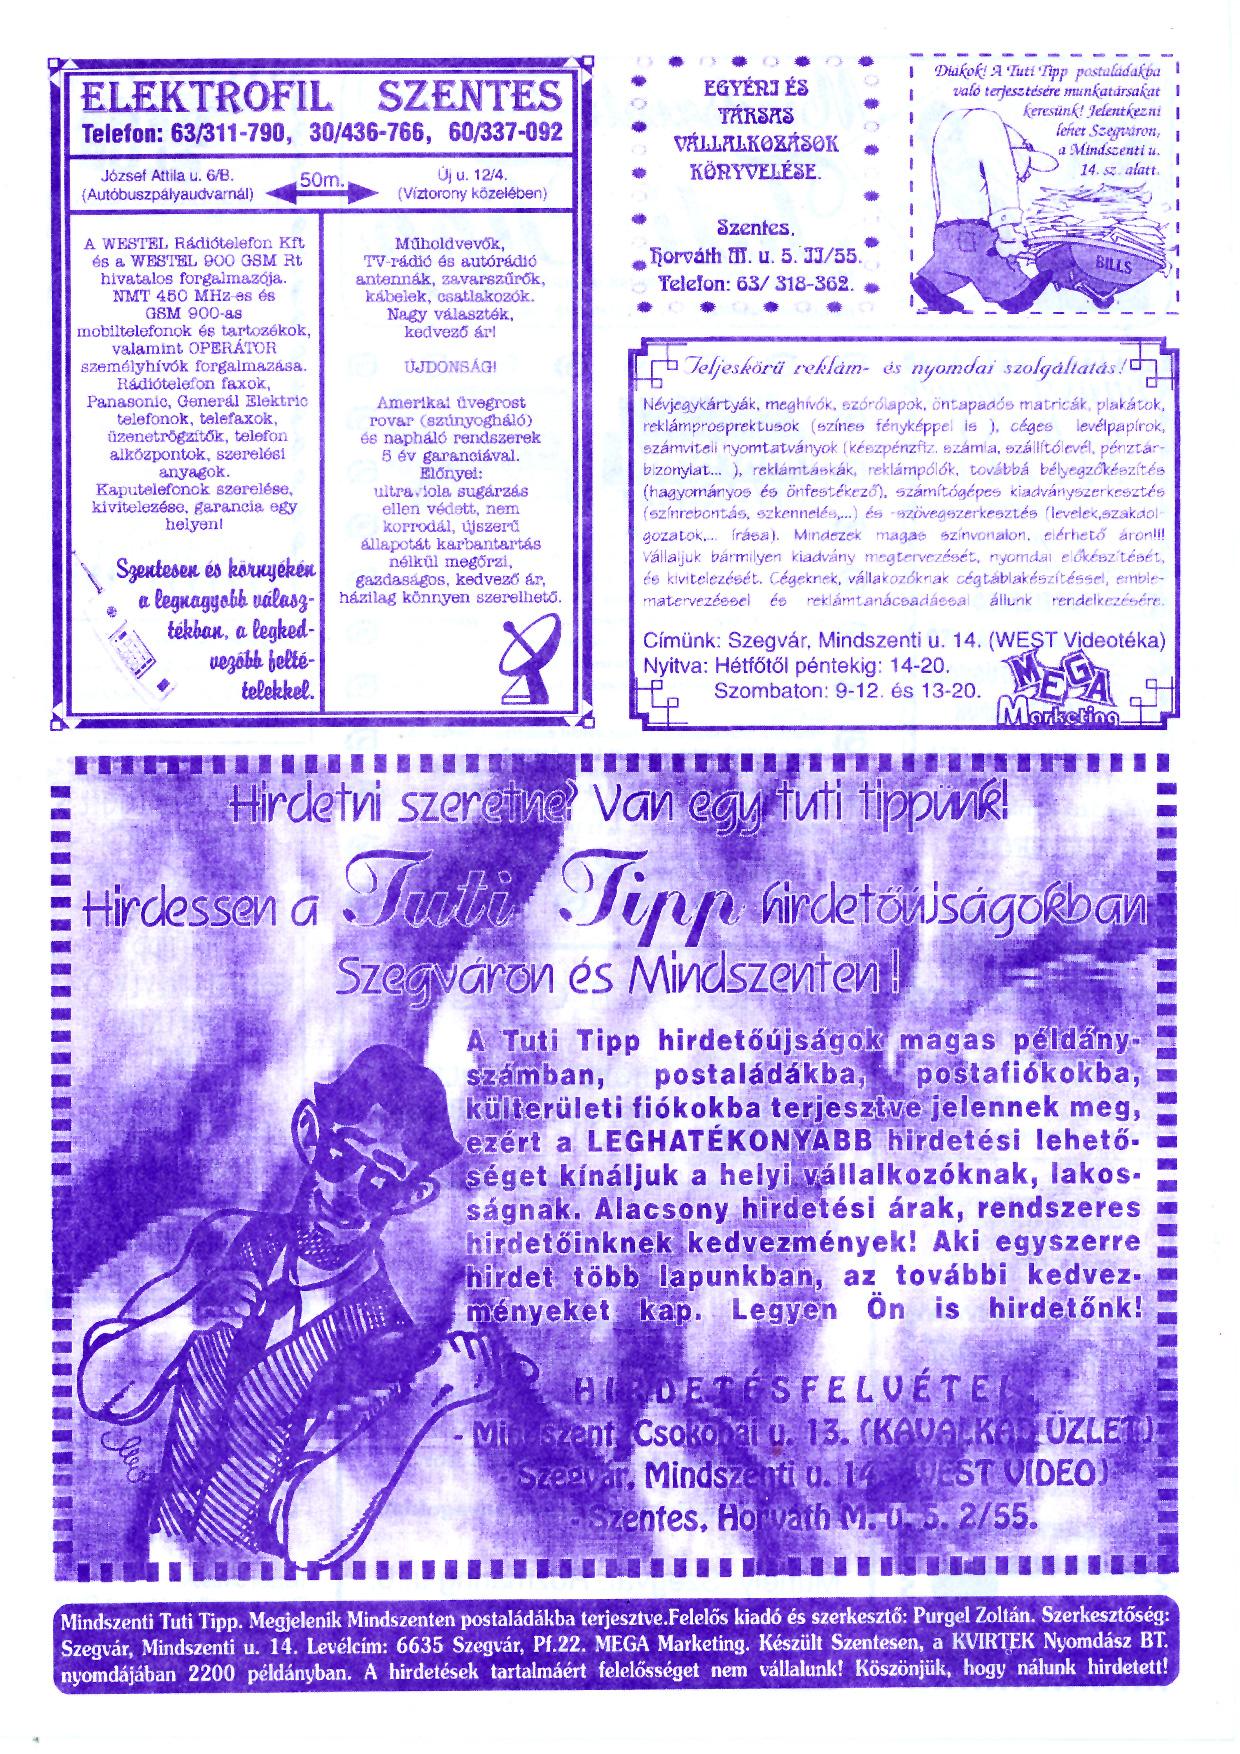 028 Mindszenti Tuti Tipp reklámújság - 19960615-001. lapszám - 2.oldal - II. évfolyam.jpg